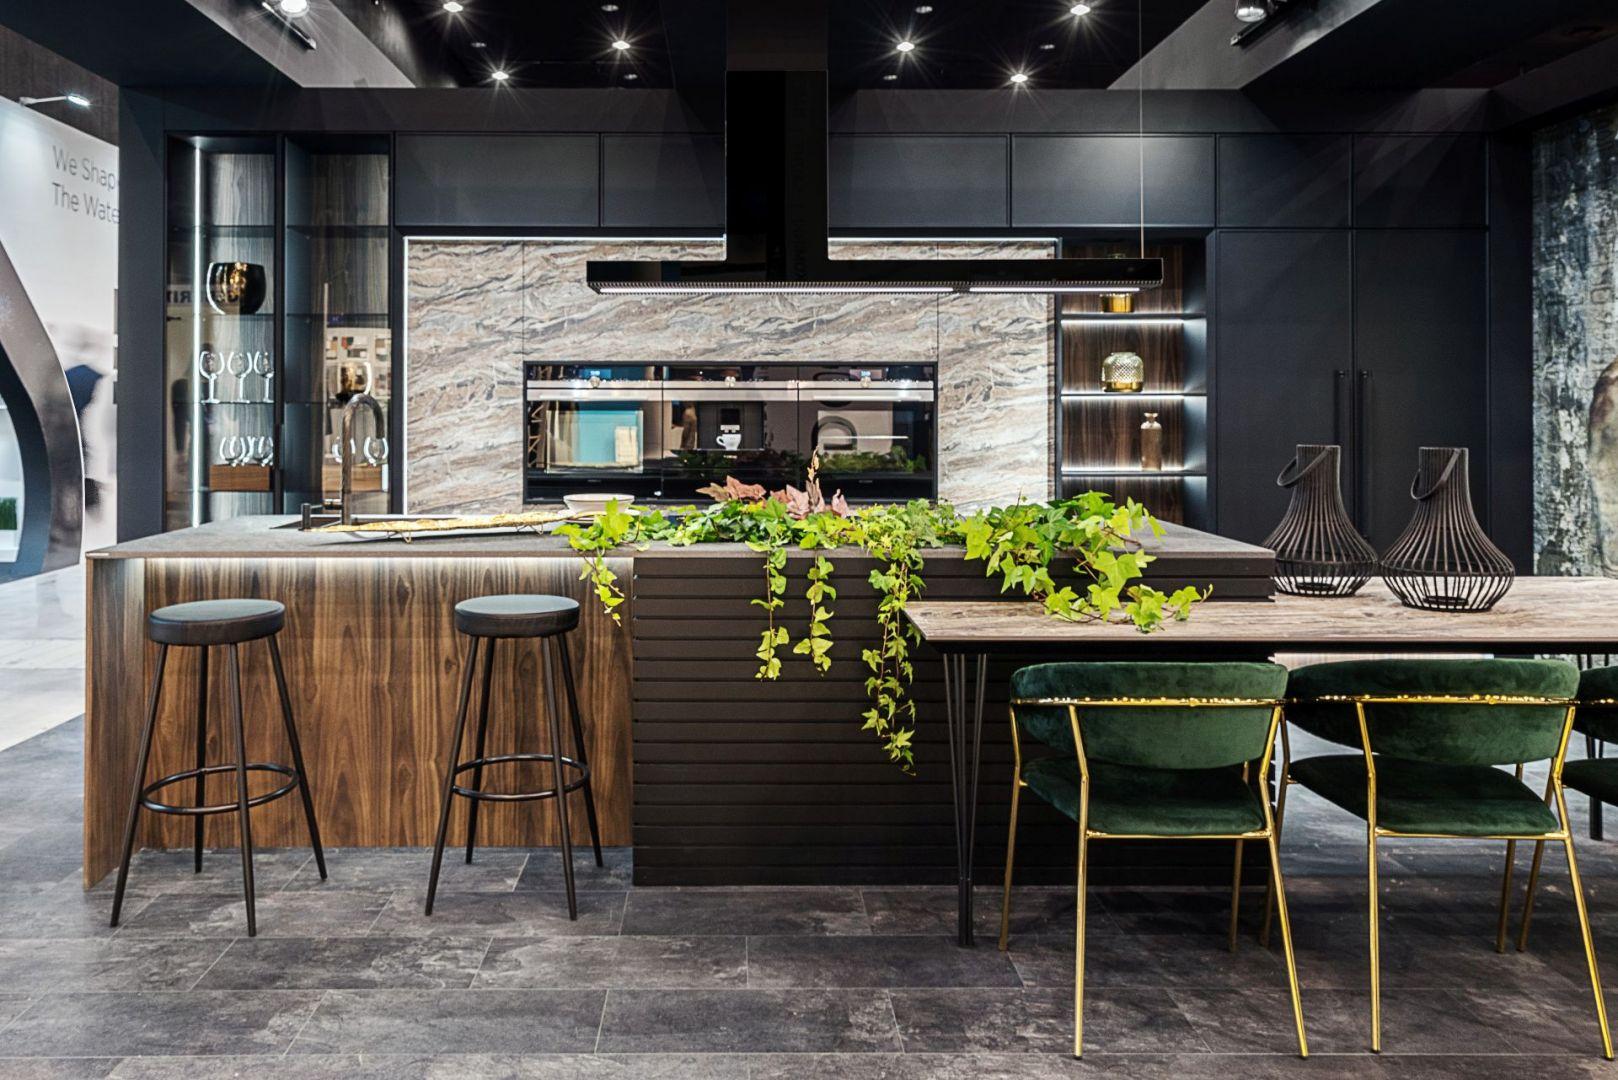 Studio Mebli Kuchennych Max Kuchnie Vigo Olkusz. Realizacja kuchni zgłoszona do konkursu Kuchnia-Studio Roku 2020 na najlepsze realizacje wykonane przez studia kuchenne.